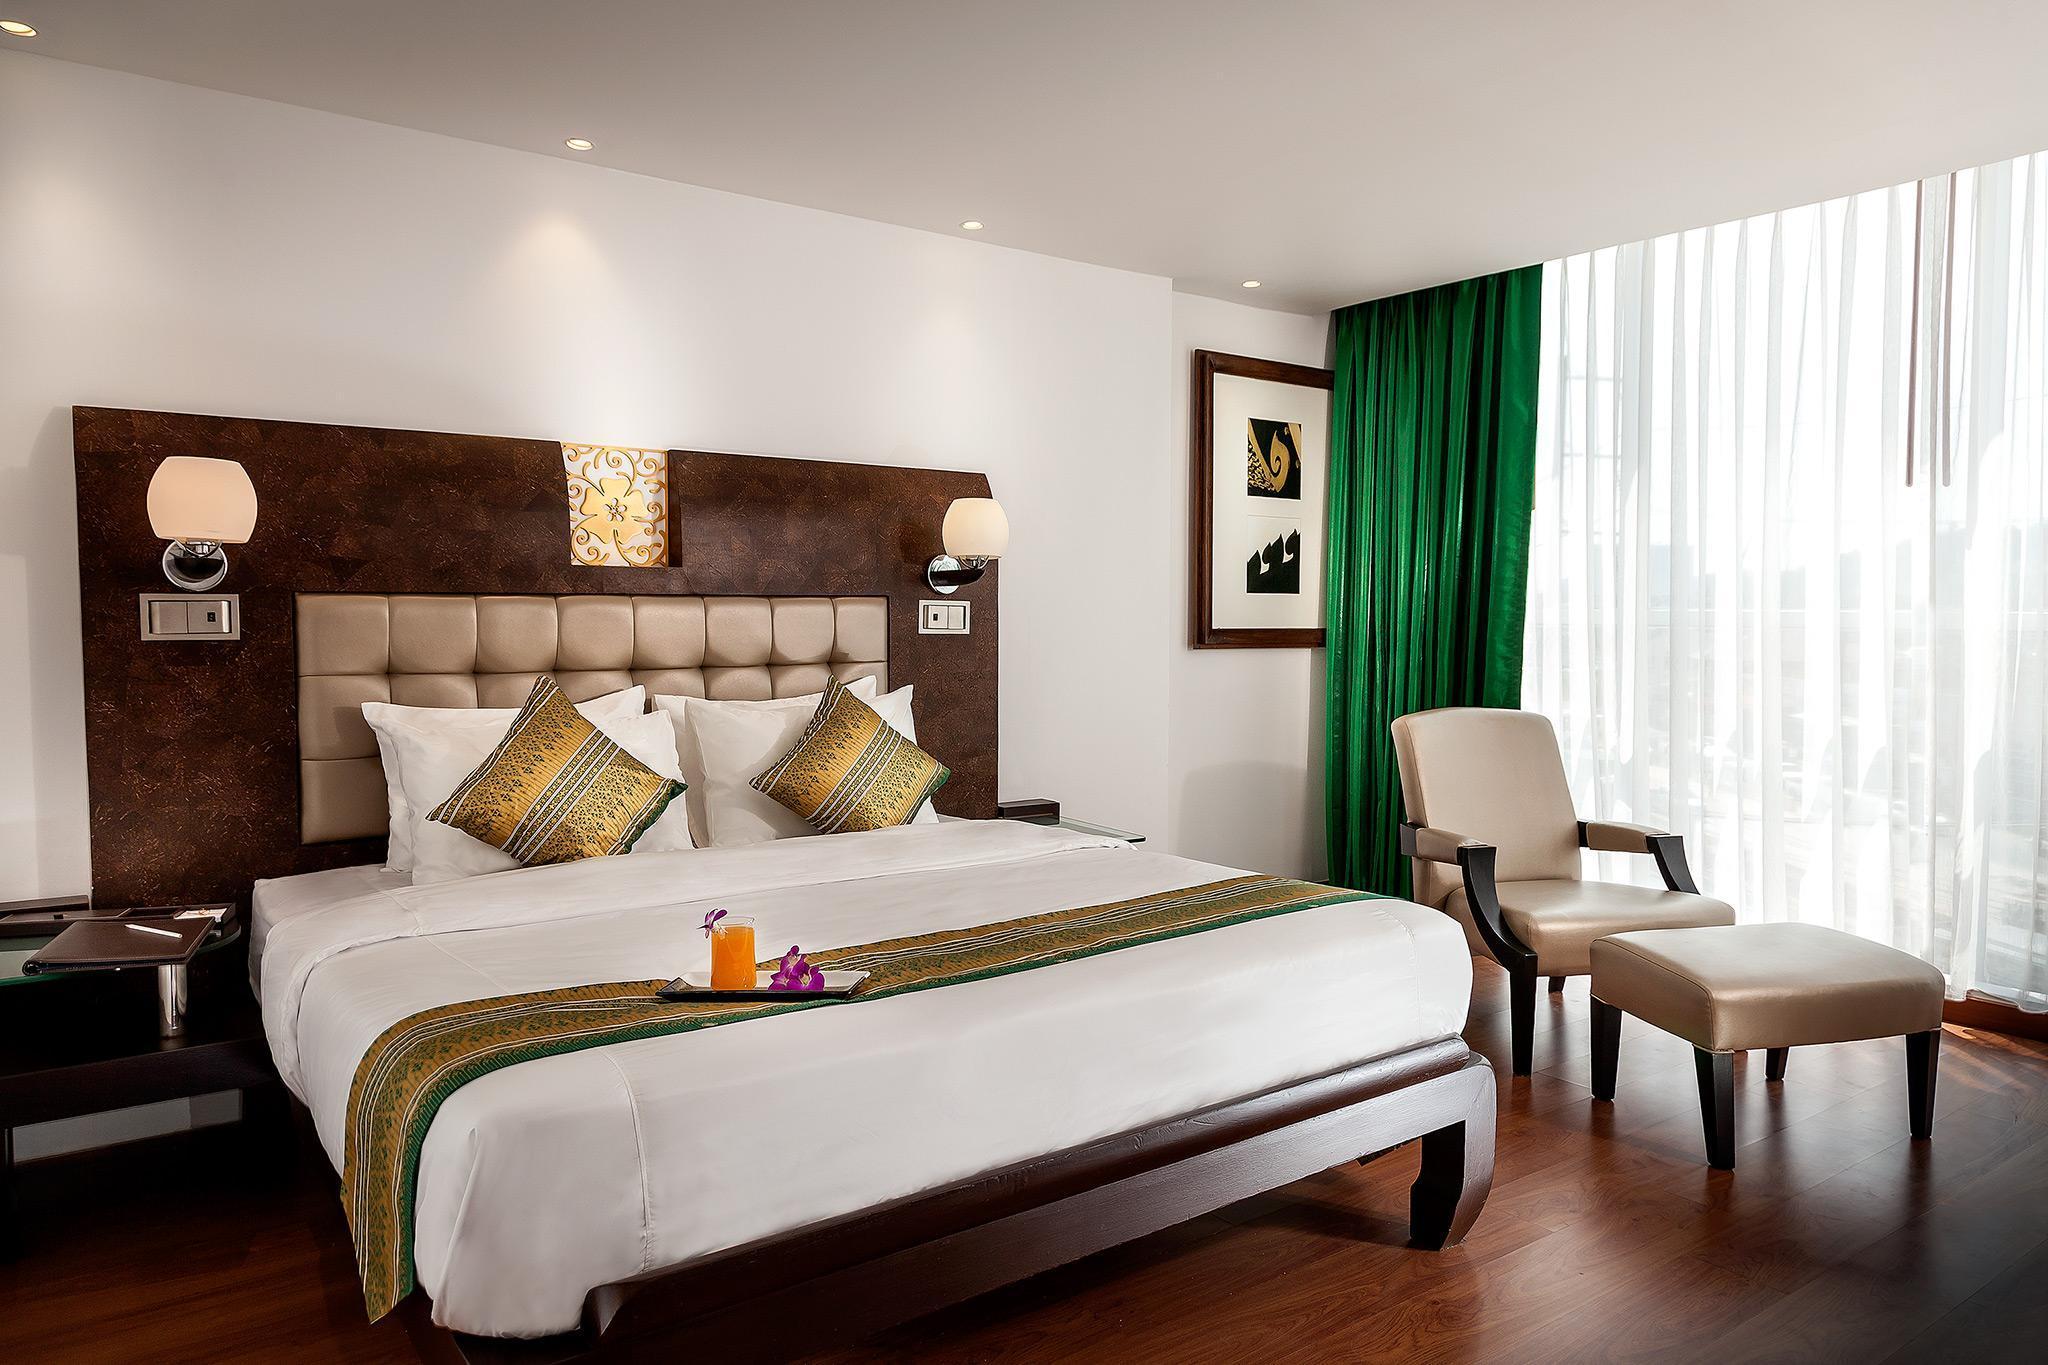 Luxury Room At Orawana Holistel